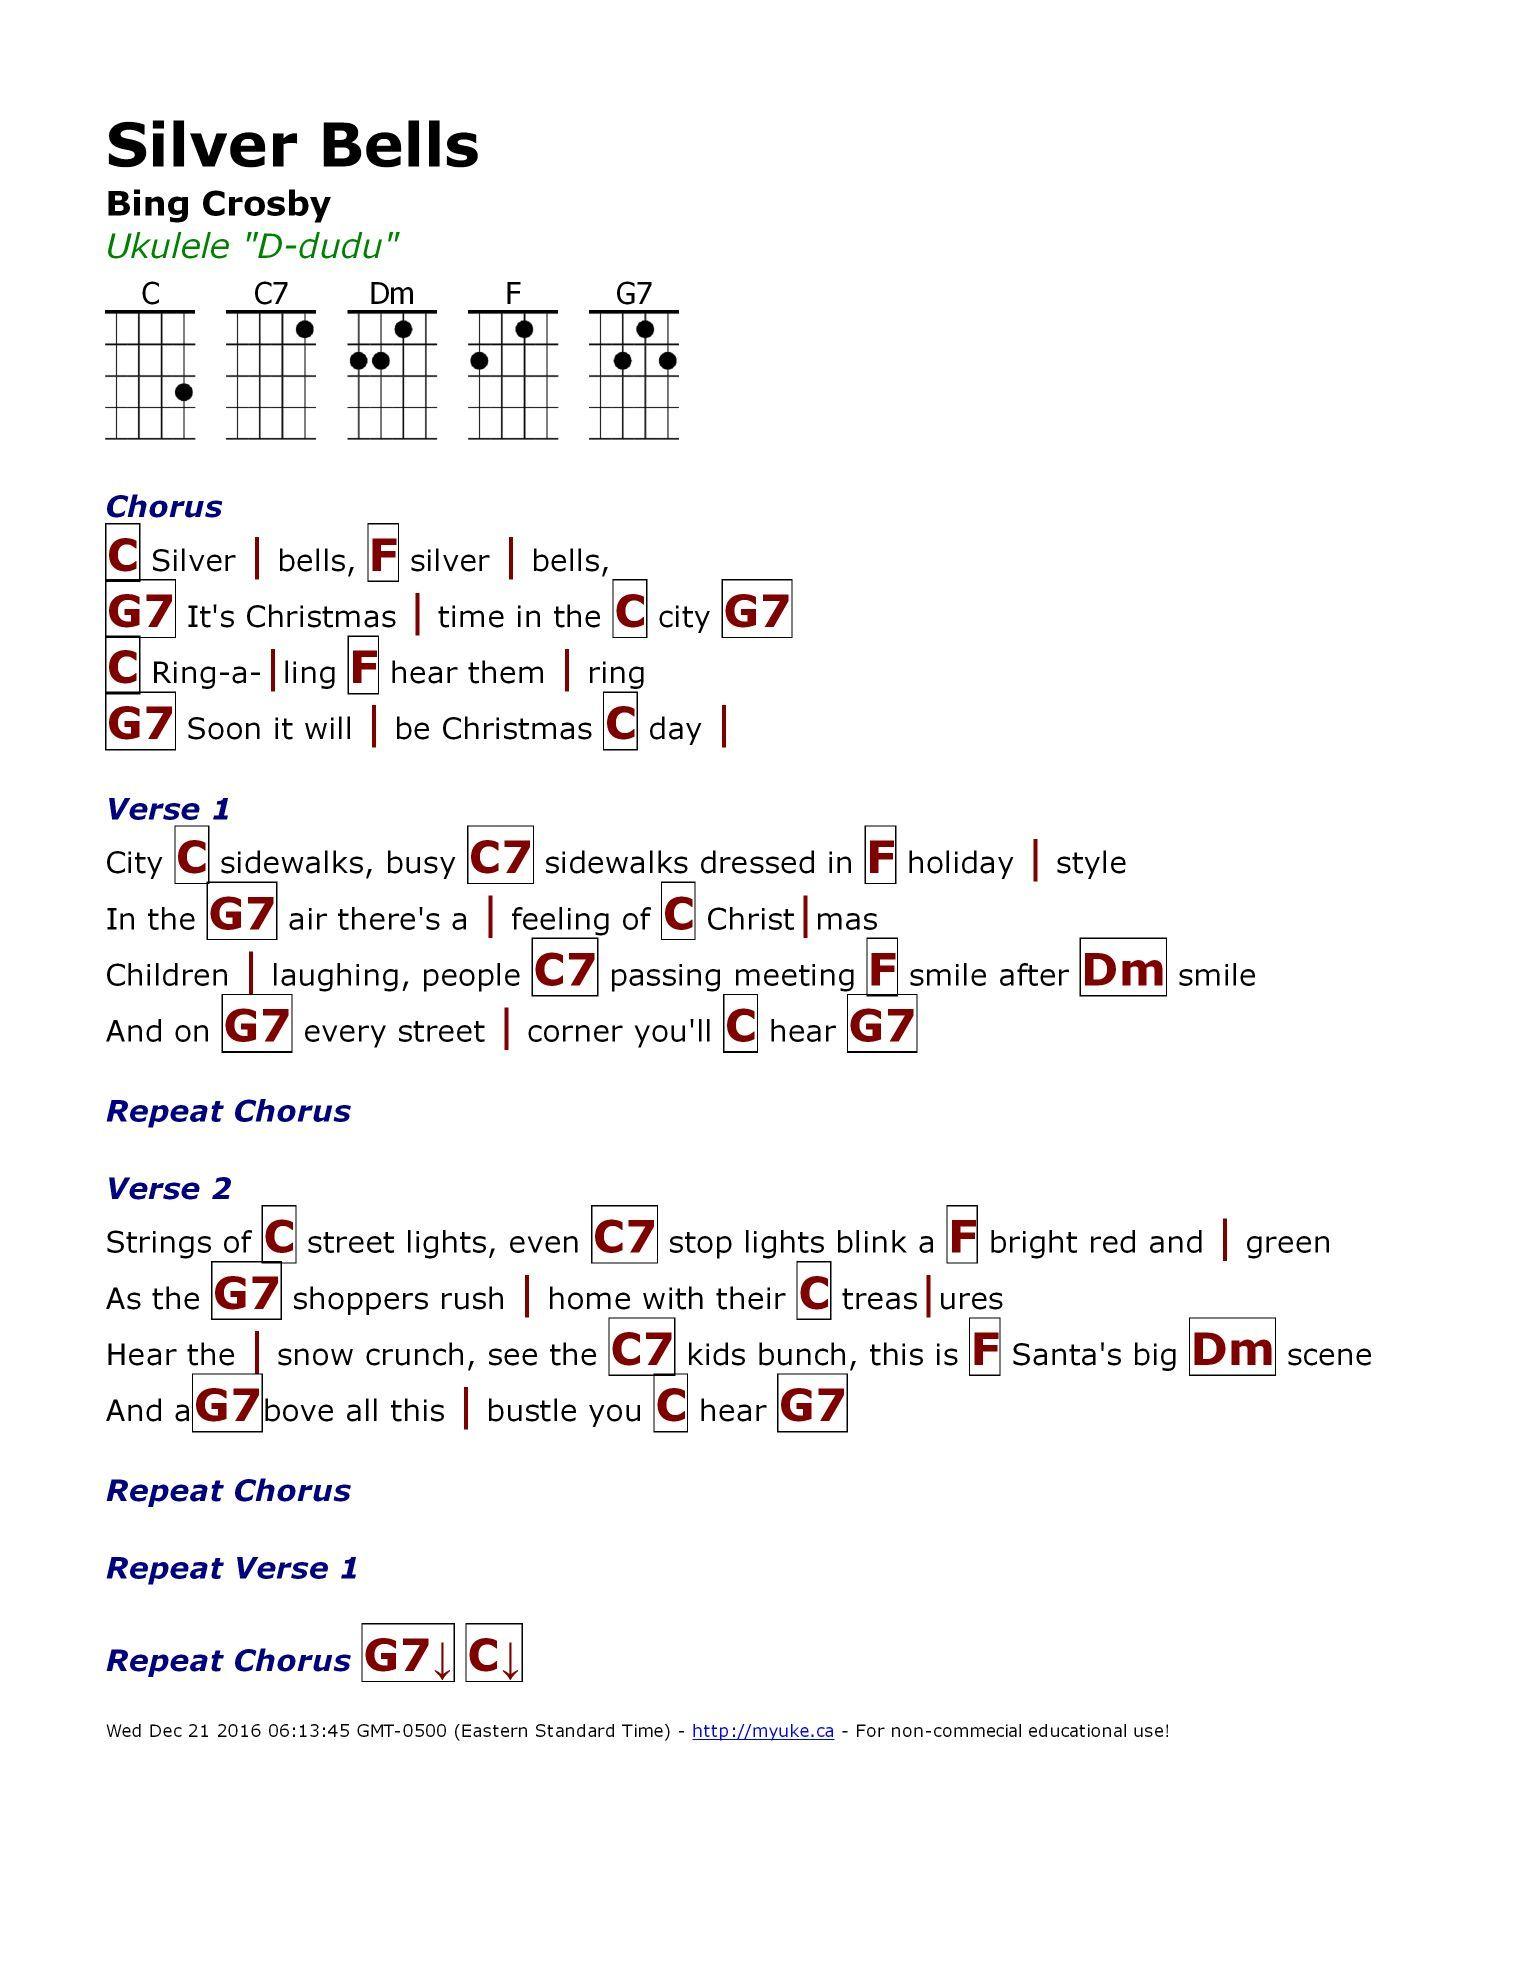 Pin by pamela withrow on ukulele pinterest bing crosby songs ukulele tabs ukulele chords guitar songs hawaiian ukulele songs xmas songs xmas music christmas music christmas ukulele learning guitar hexwebz Images